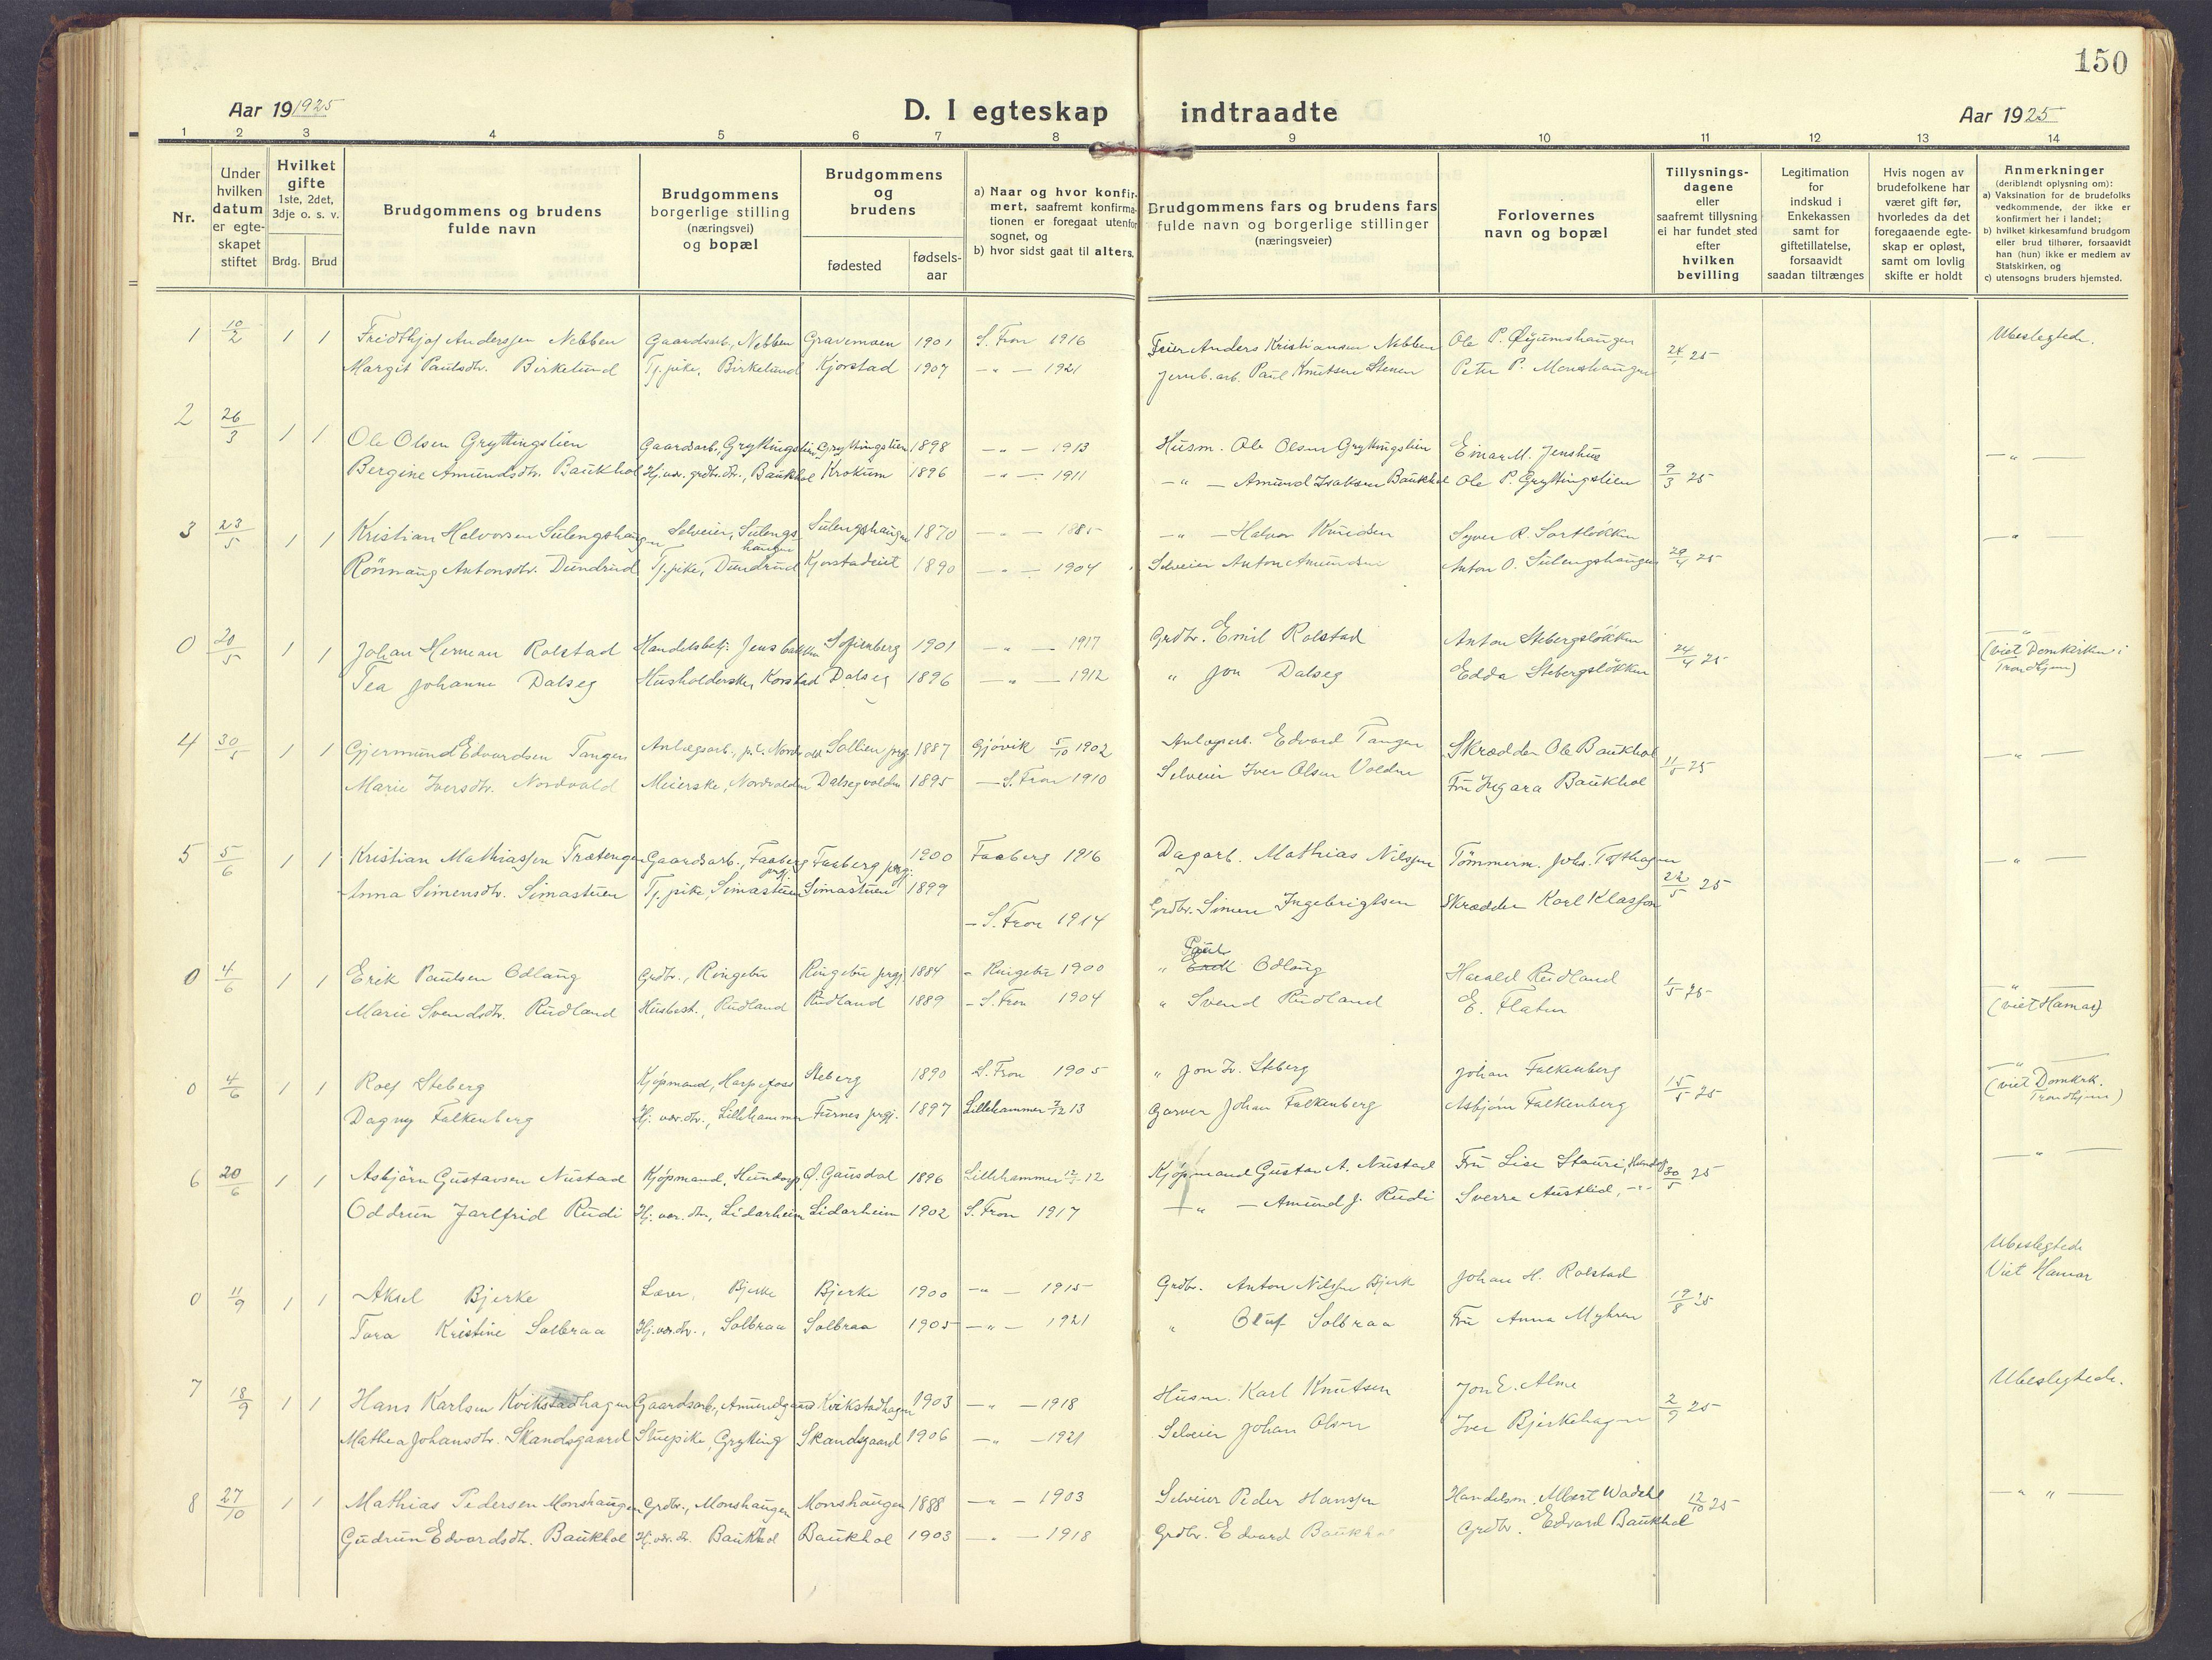 SAH, Sør-Fron prestekontor, H/Ha/Haa/L0005: Ministerialbok nr. 5, 1920-1933, s. 150